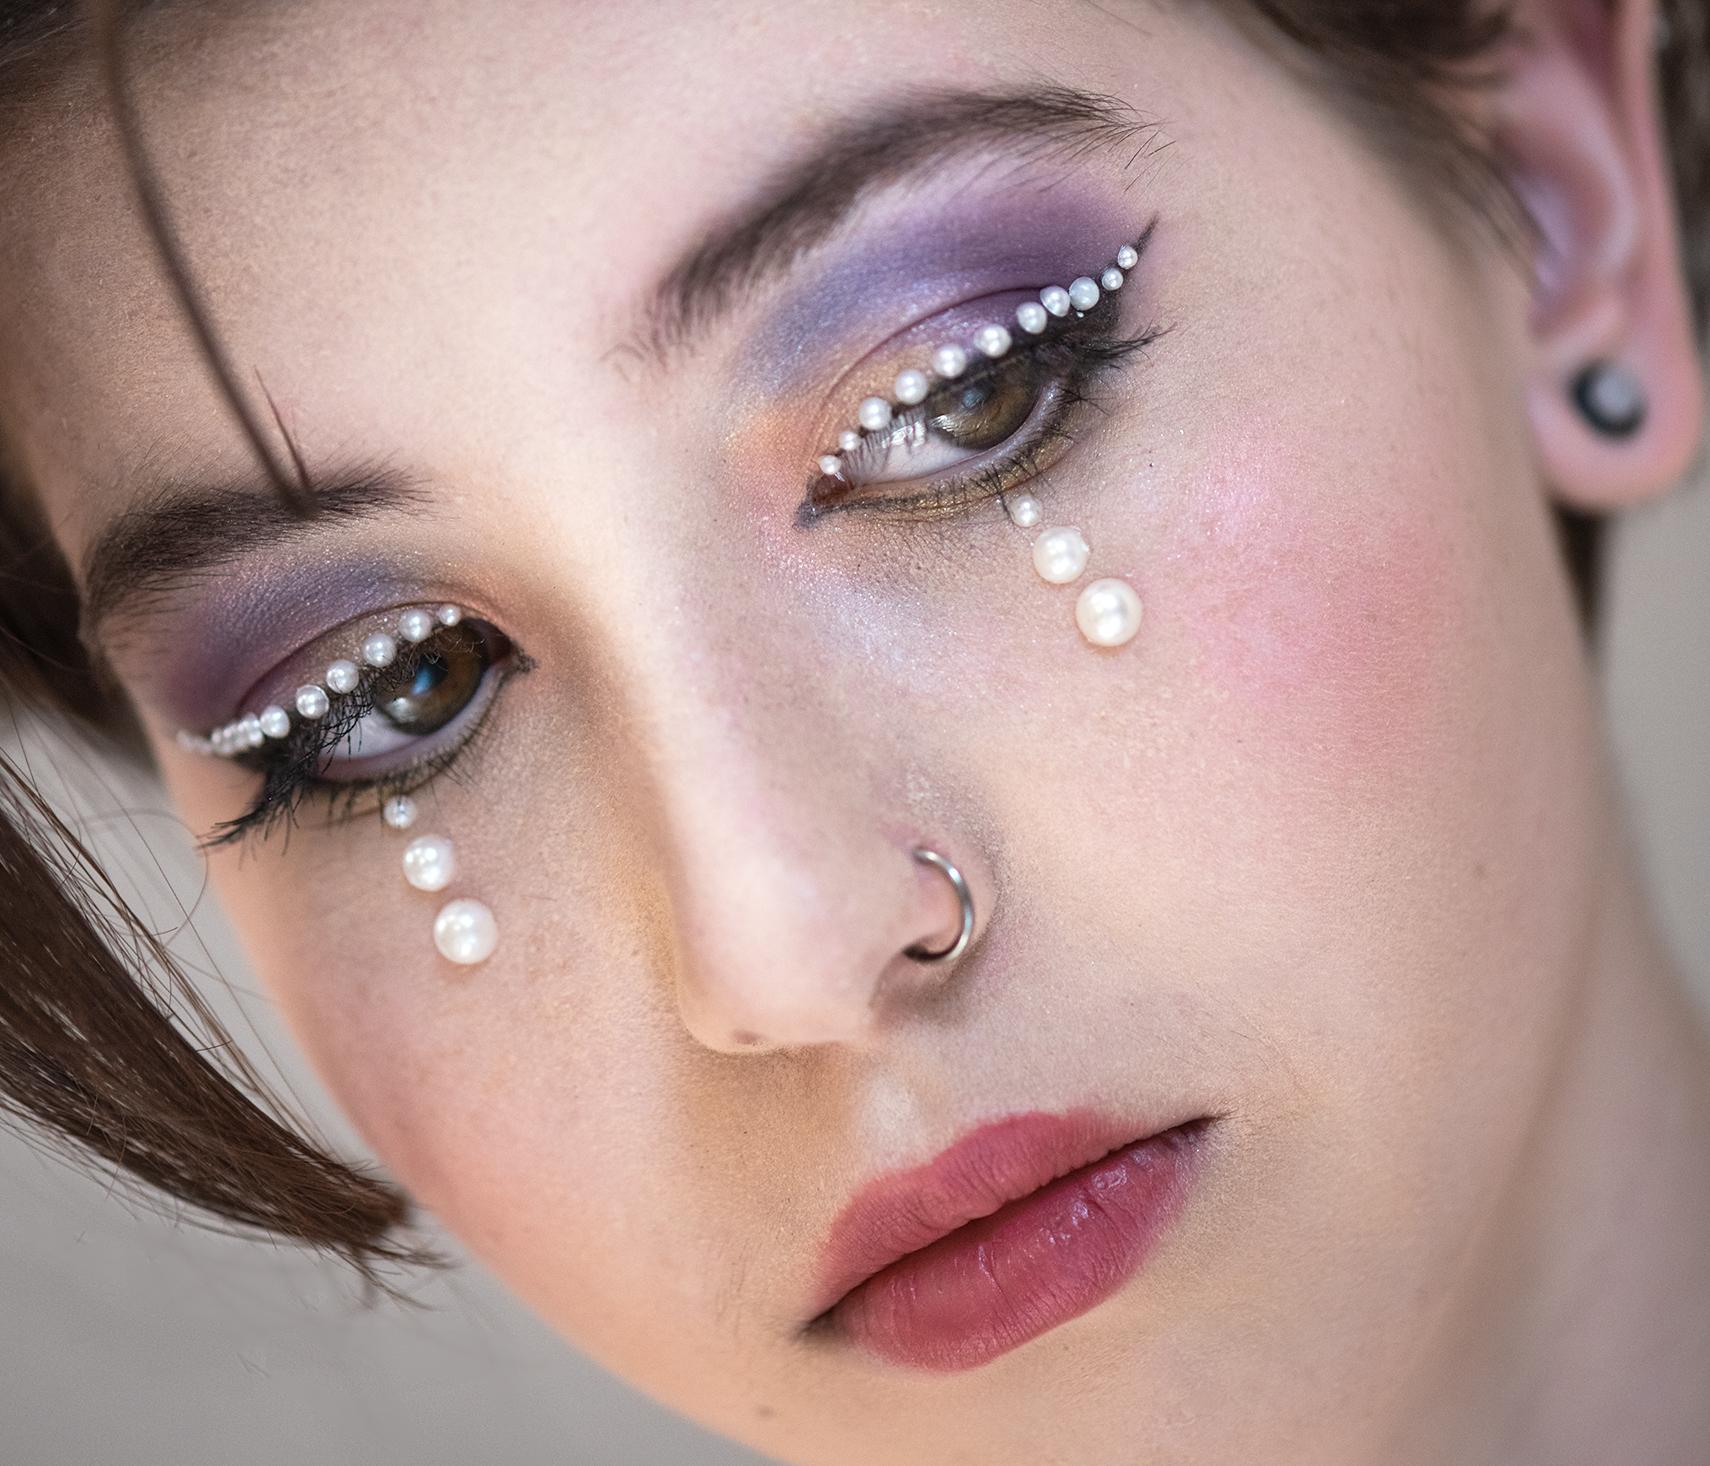 Netradiční make-up: popusťte uzdu své fantazii